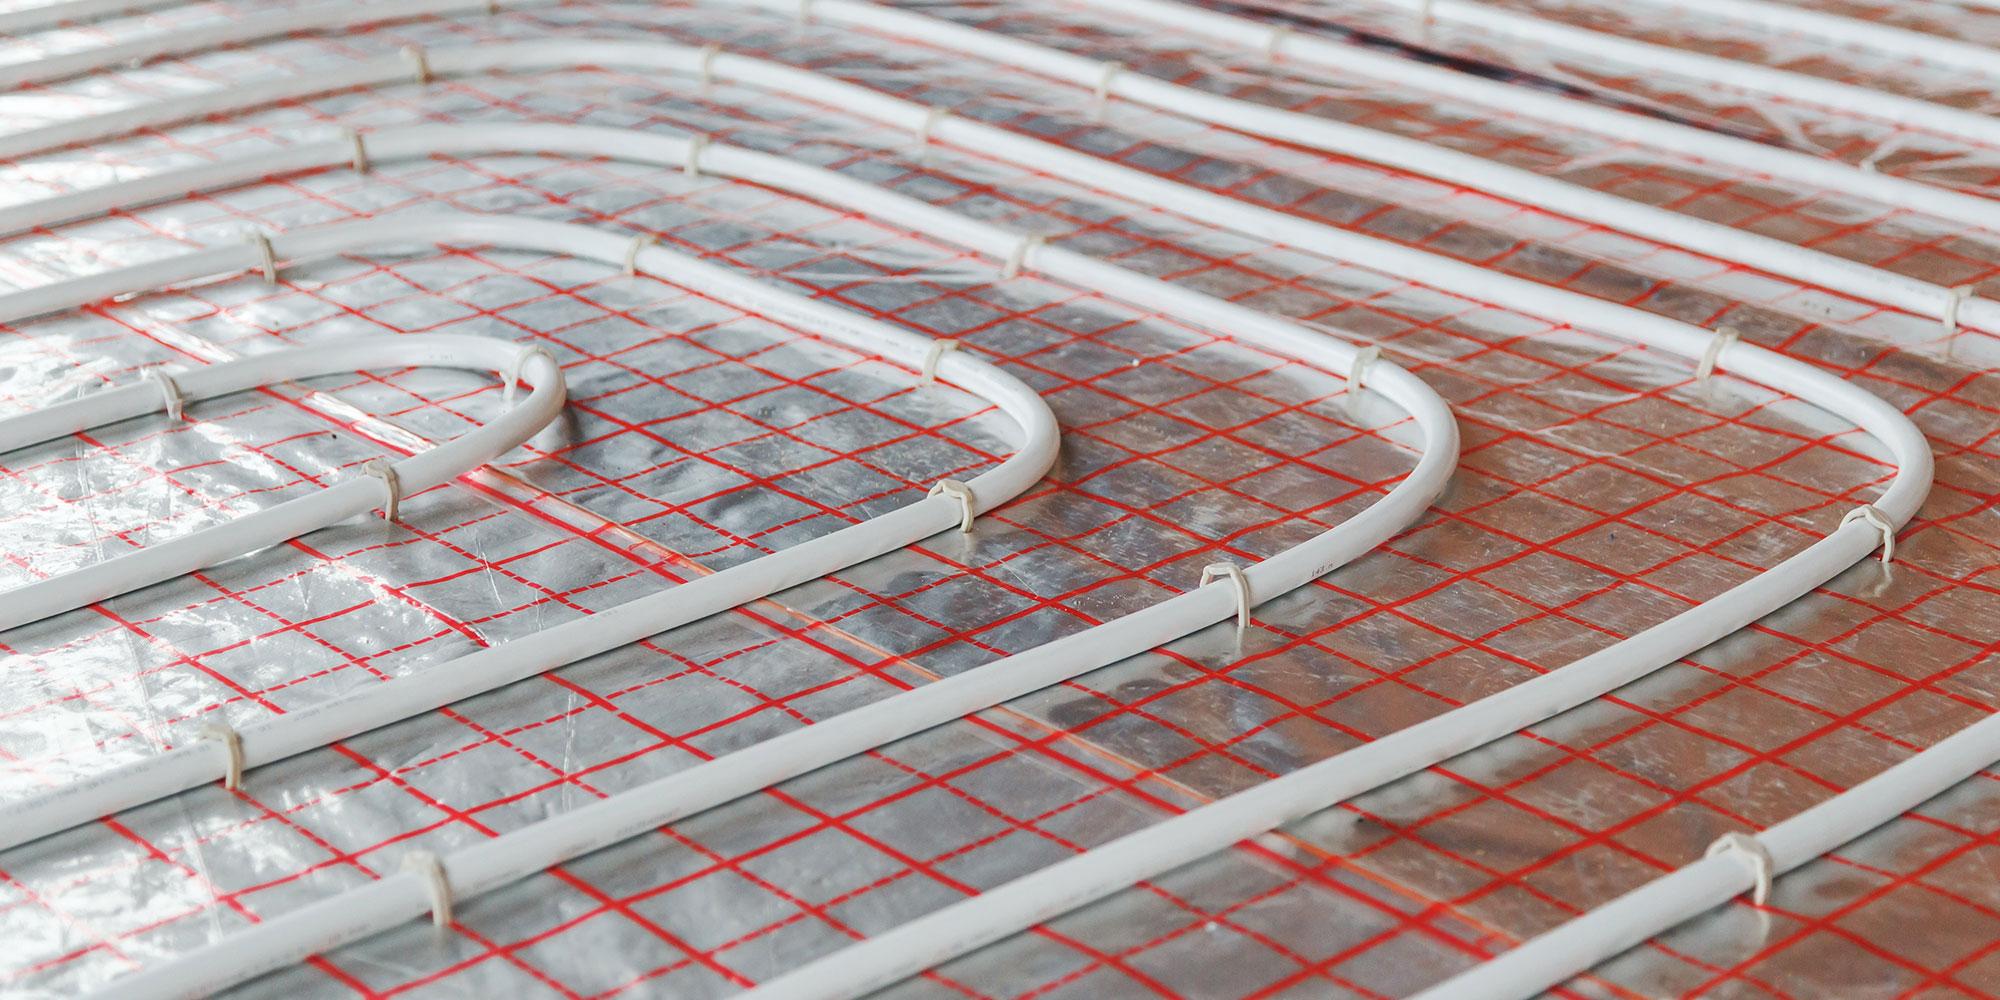 Теплоизоляция для теплого пола советы по выбору и монтажу